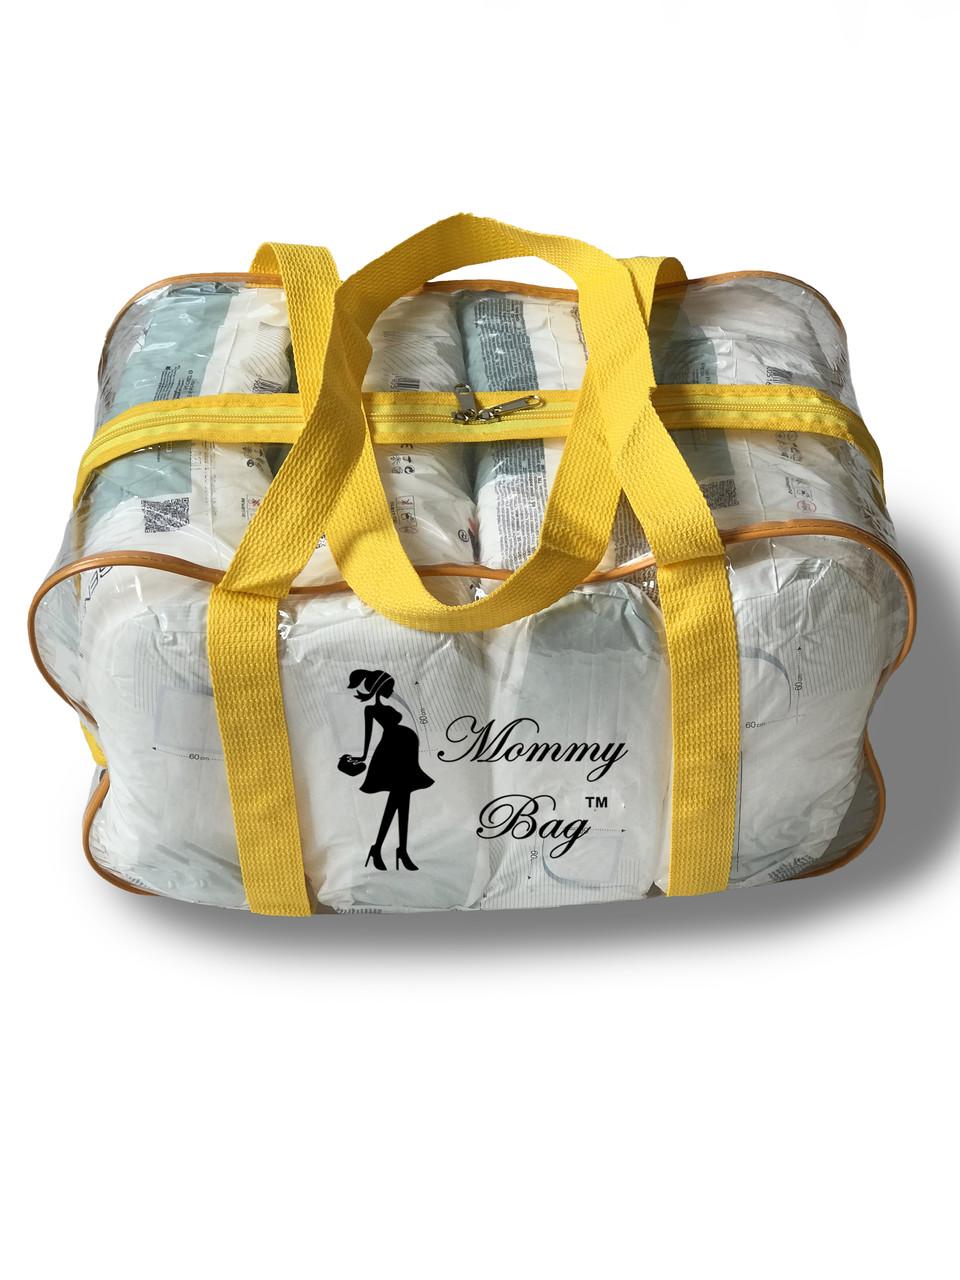 Сумка прозрачная в роддом Mommy Bag - M - 40*25*20 см Желтая